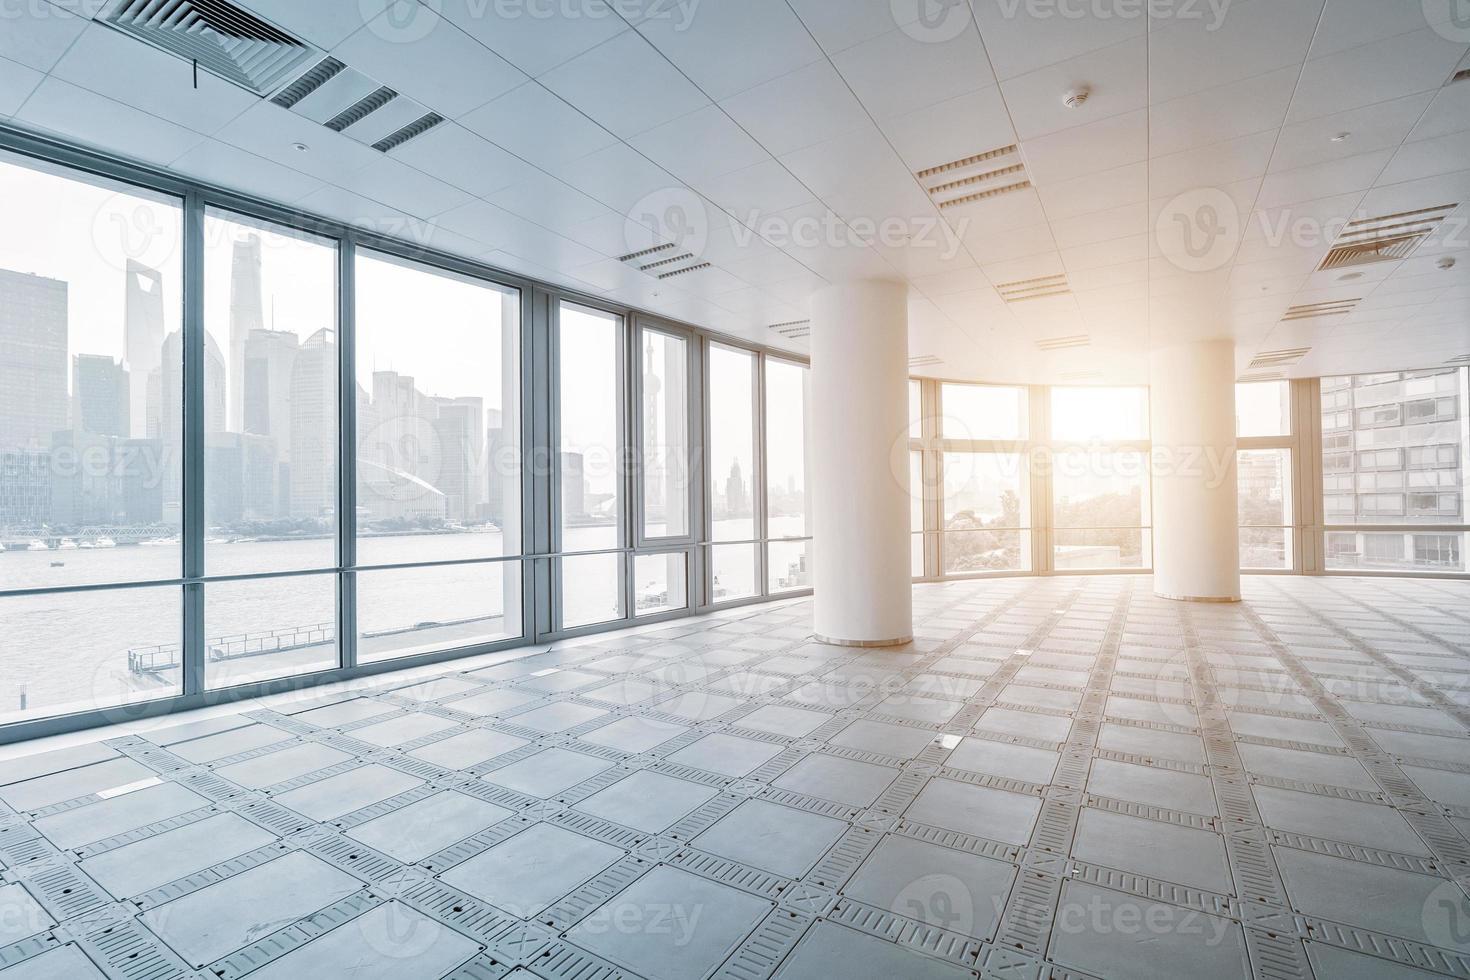 stanza ufficio vuota in edifici per uffici moderni foto